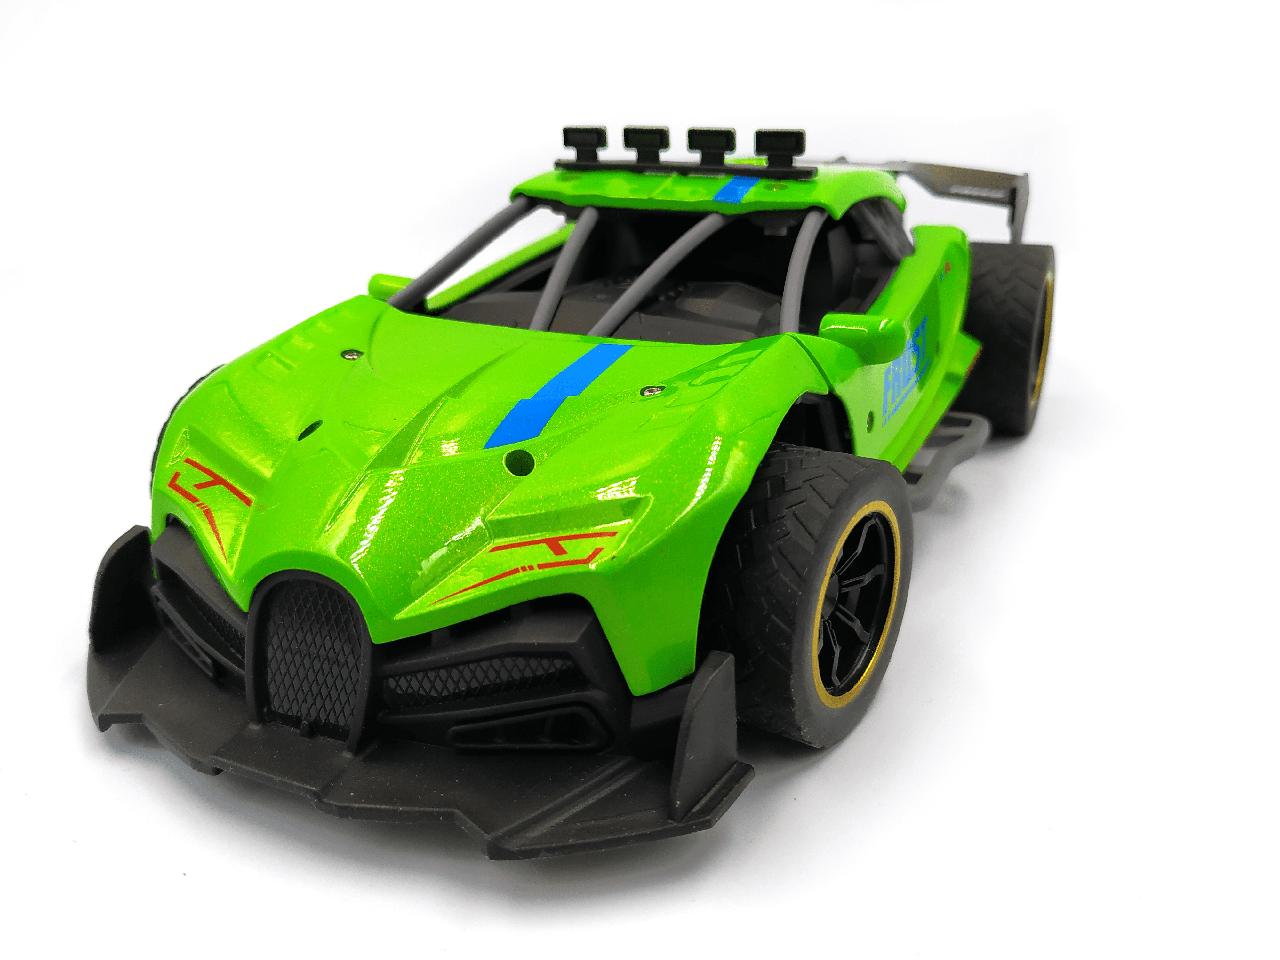 Машина на радиоуправлении Frost метало-пластик Зеленая